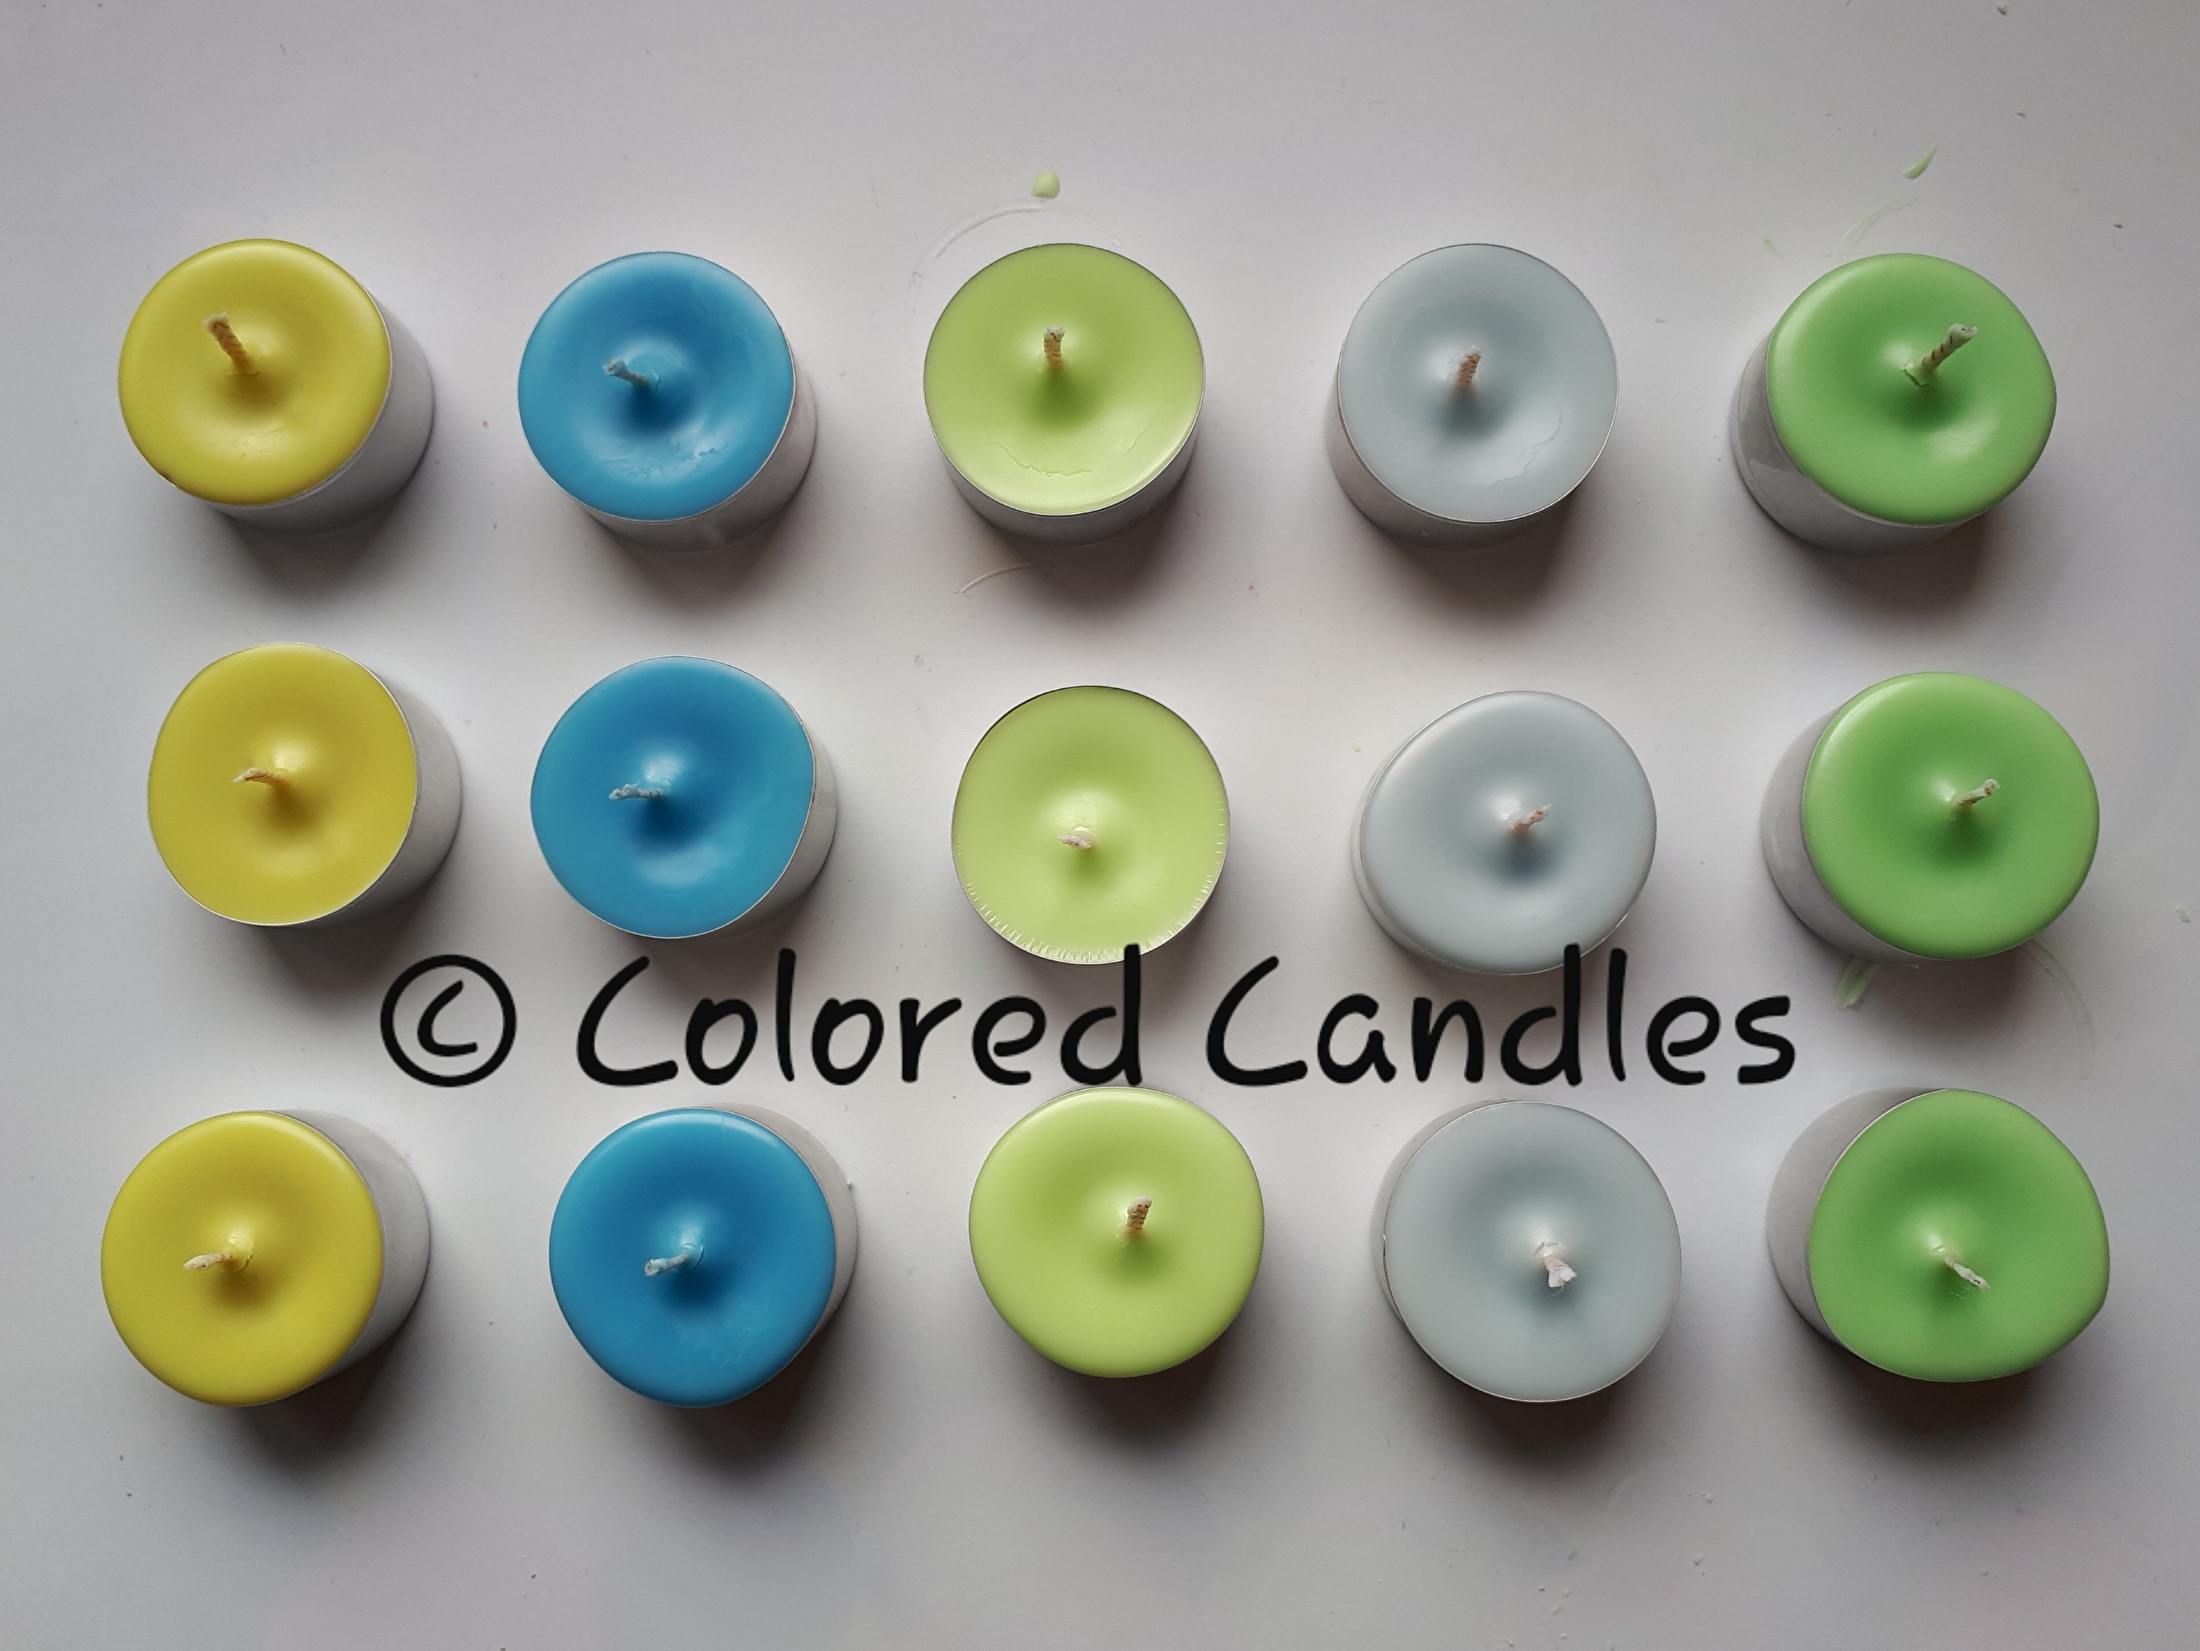 Olijfgroen, blauw, appelgroen, grijsblauw en groen.